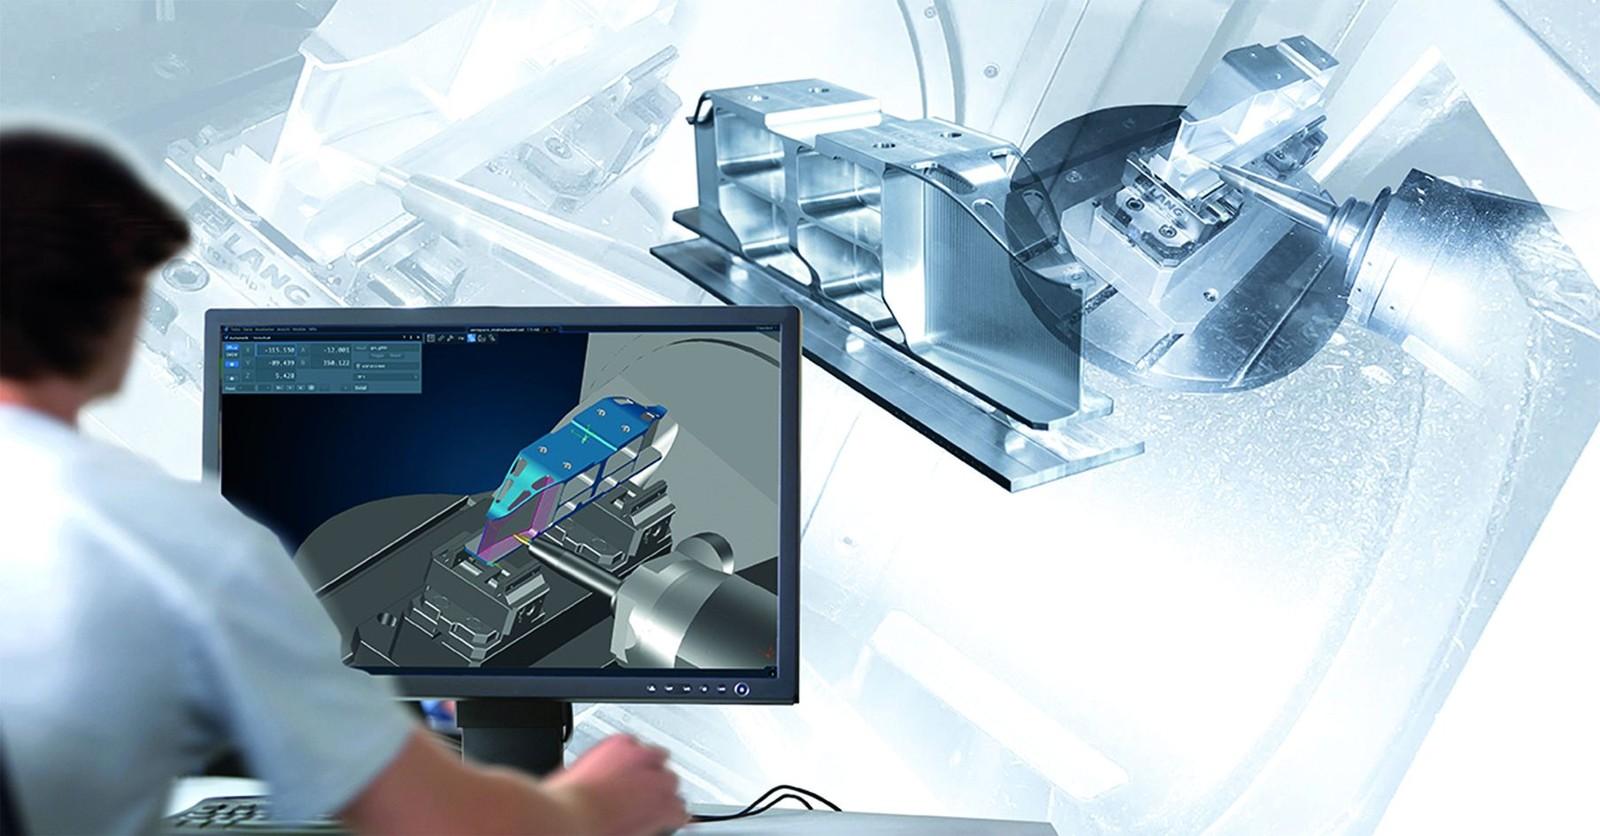 Die Werkstatt auf den Bildschirm: Der Tebis CNC-Simulator sorgt für Geschwindigkeit und Sicherheit bei der Fertigungsplanung.